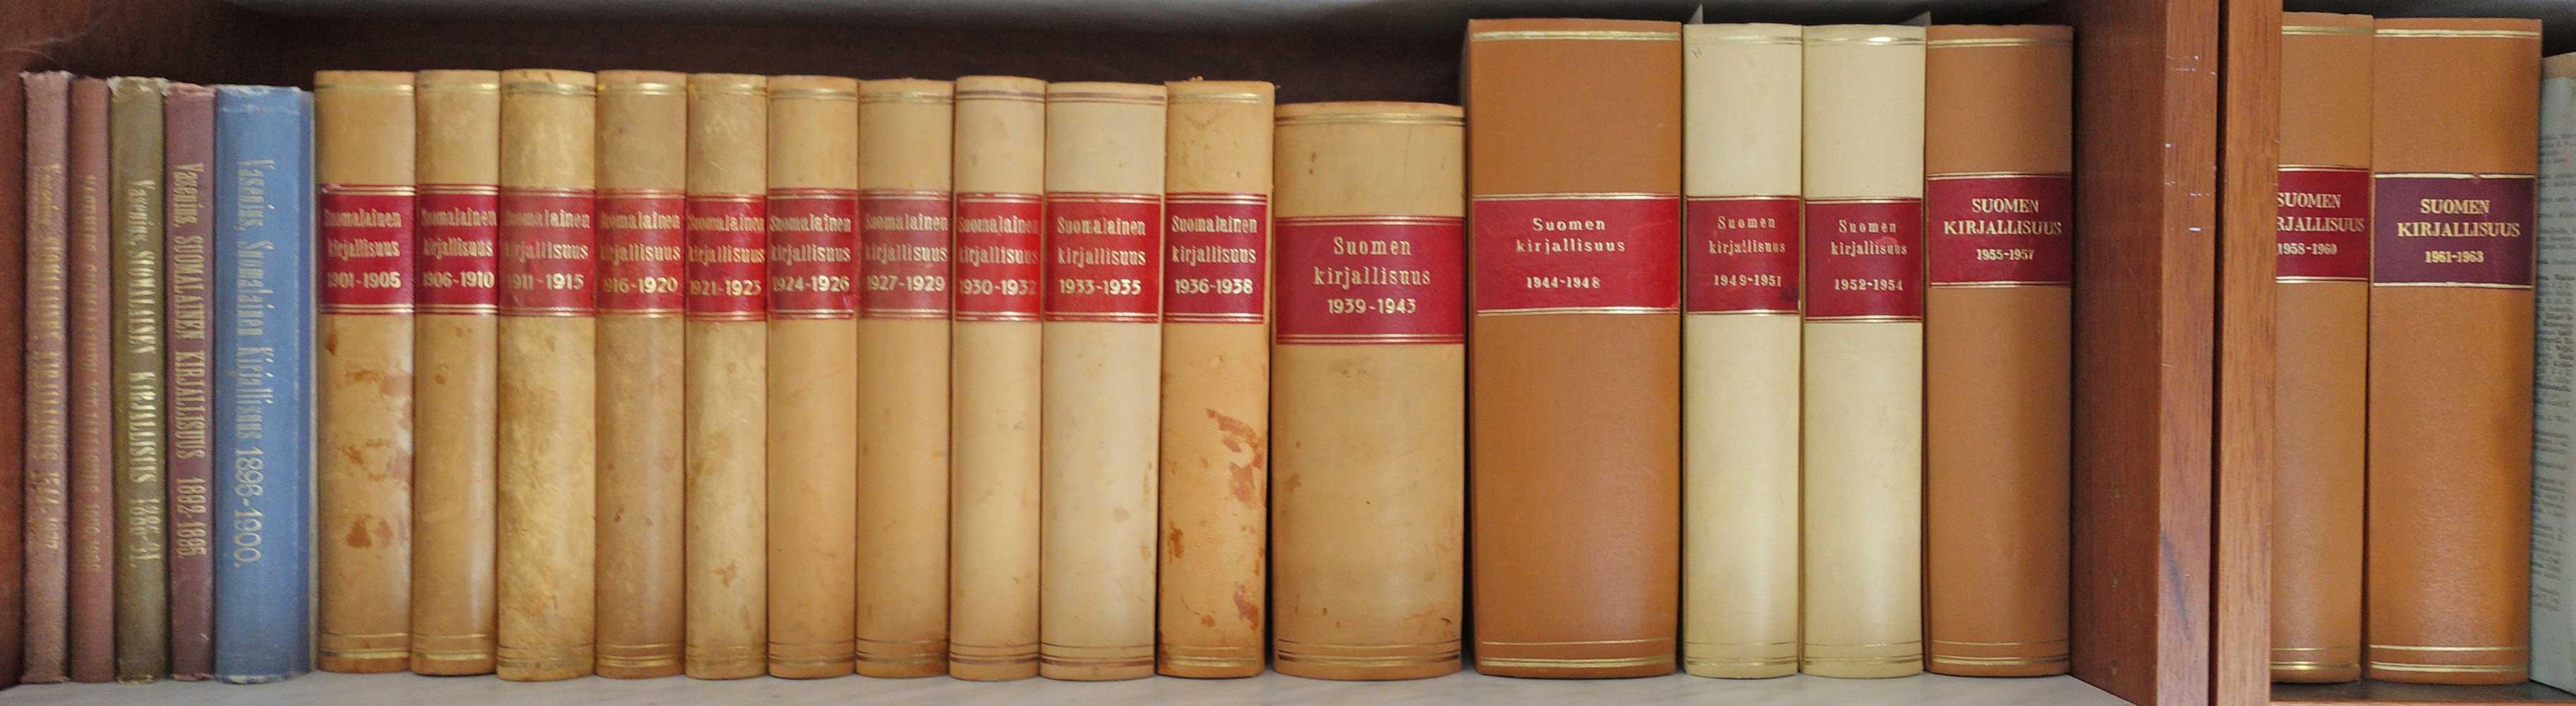 Suomalainen/Suomen kirjallisuus 1544-1963